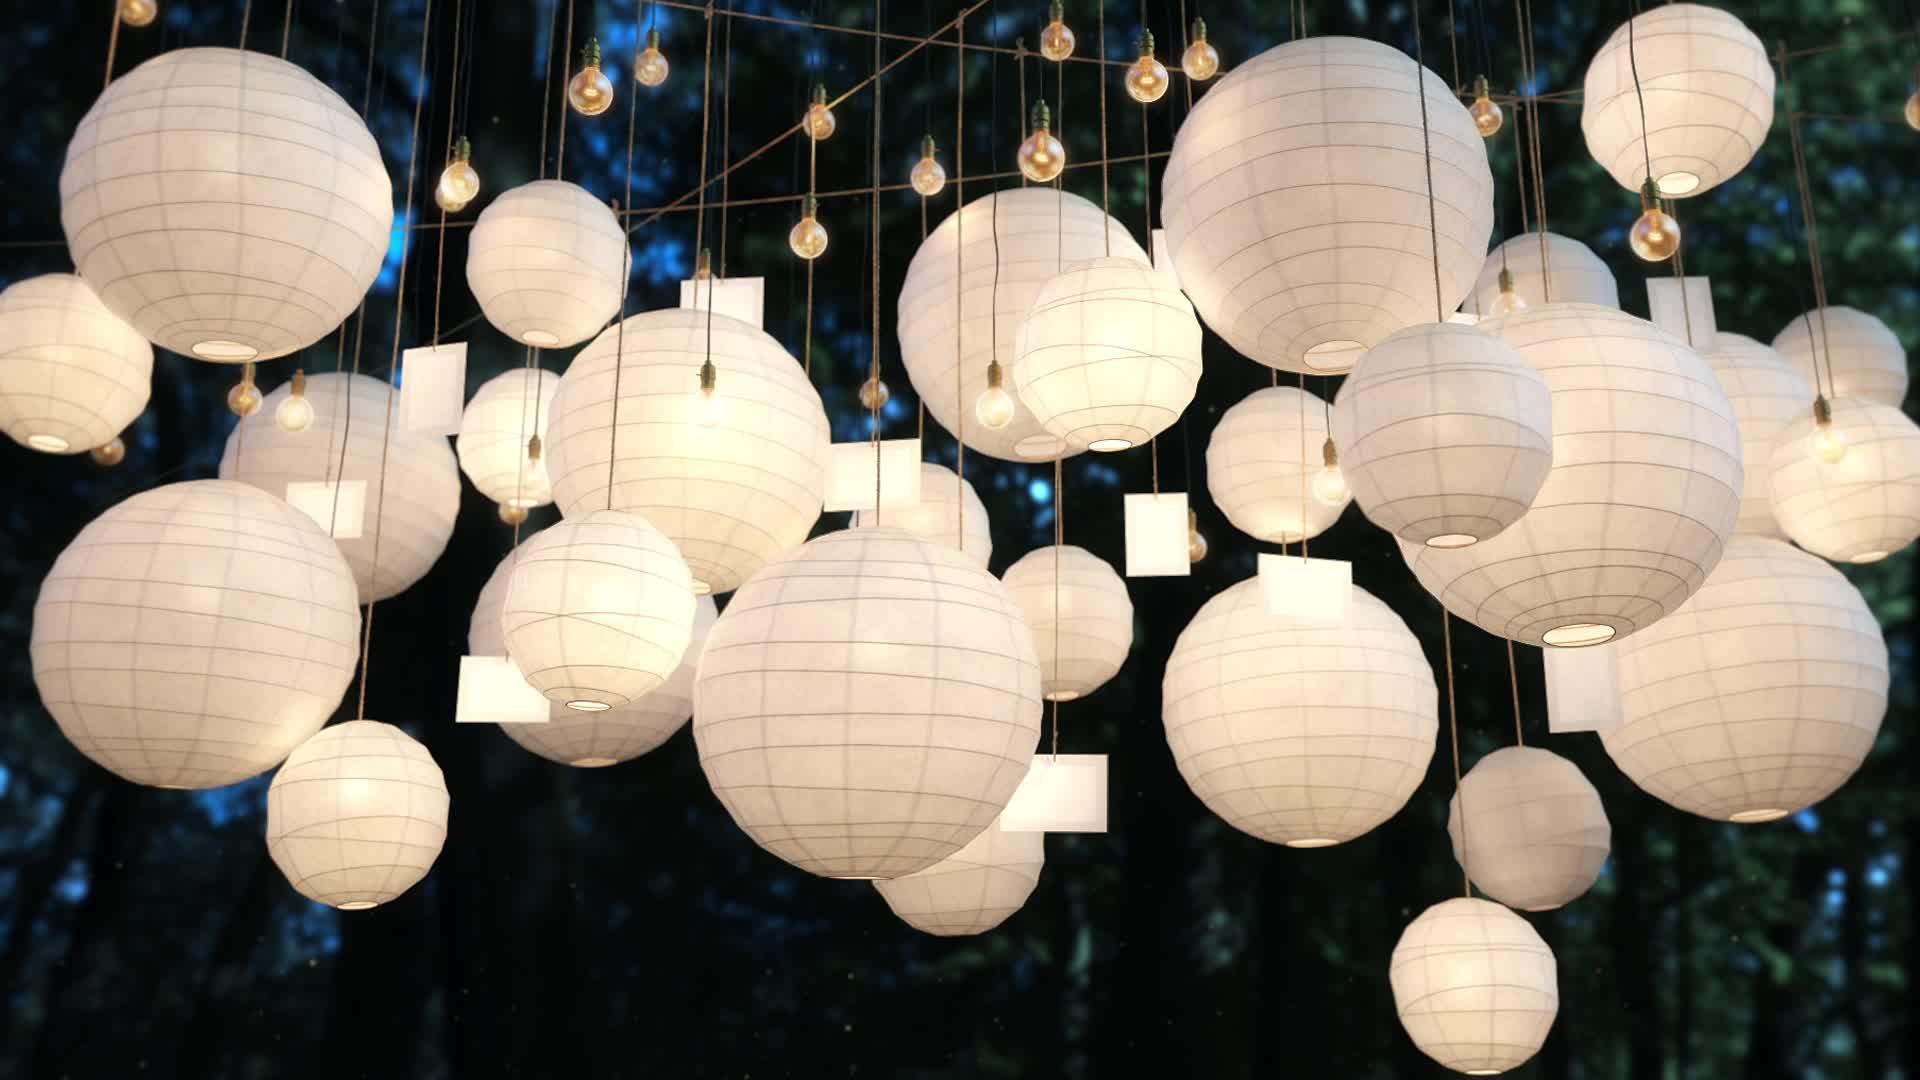 Small Hanging Christmas Wedding Paper Lantern Lanterns